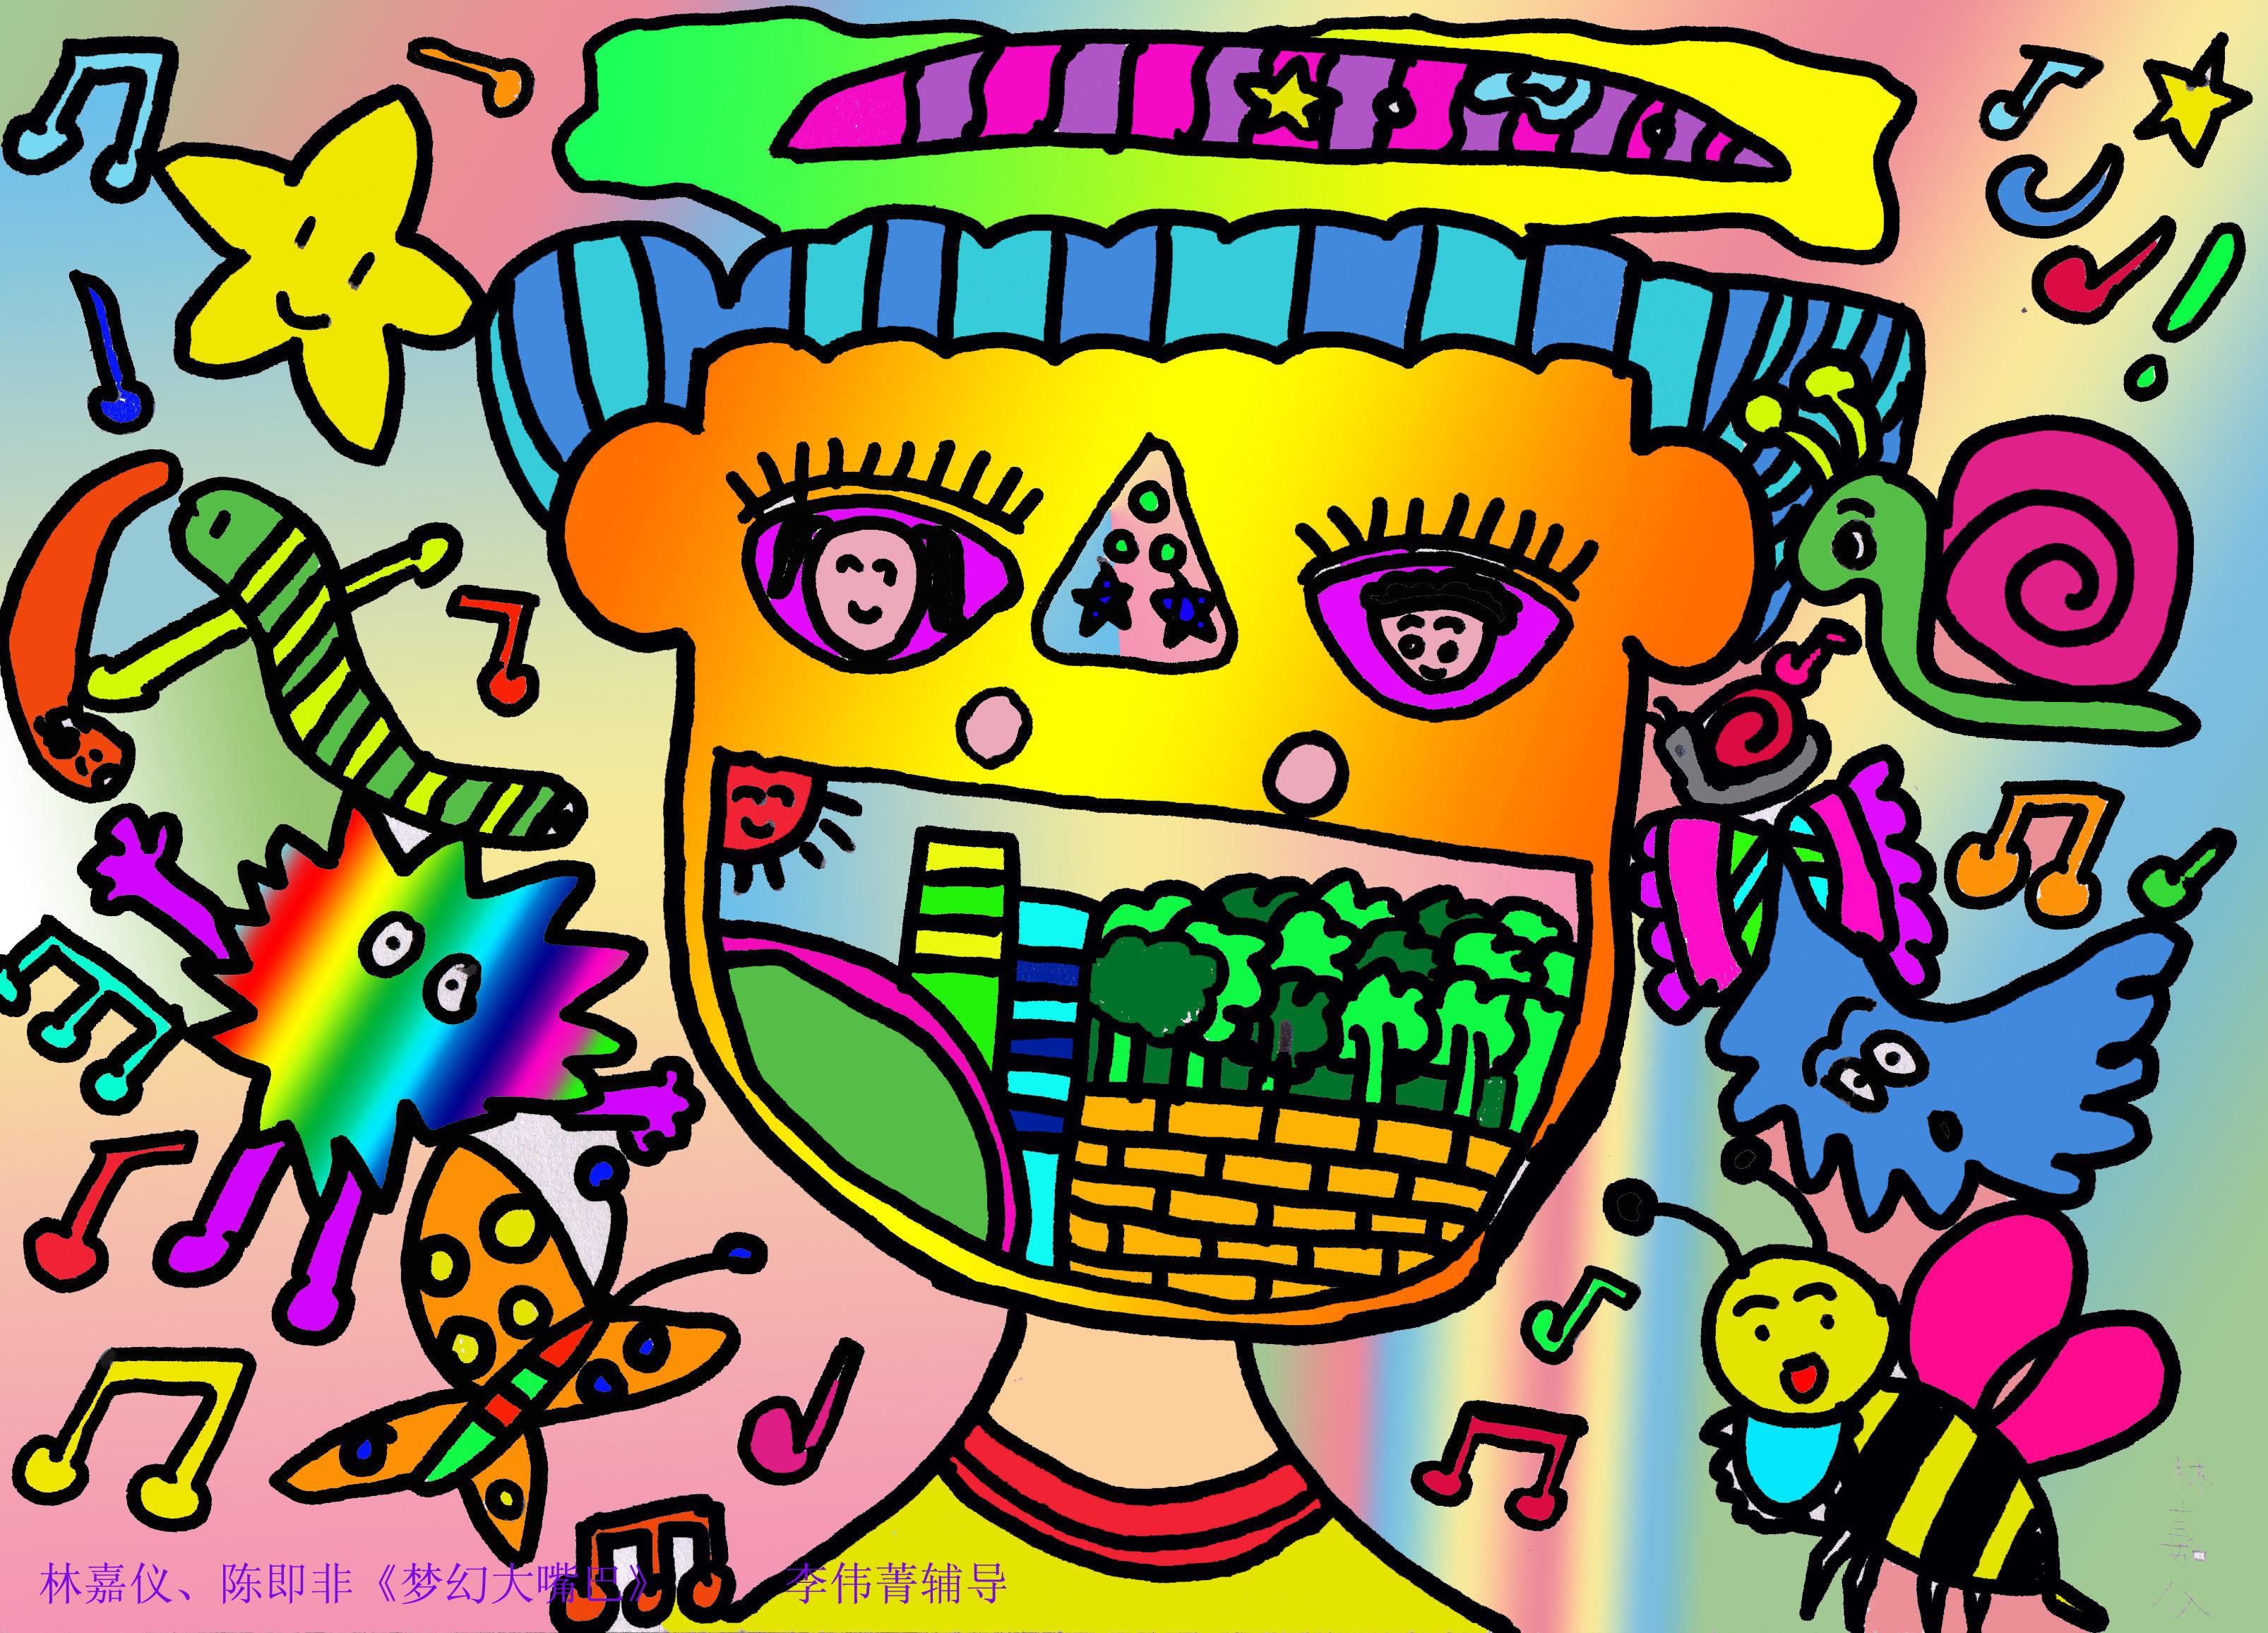 儿童画 3212_2312